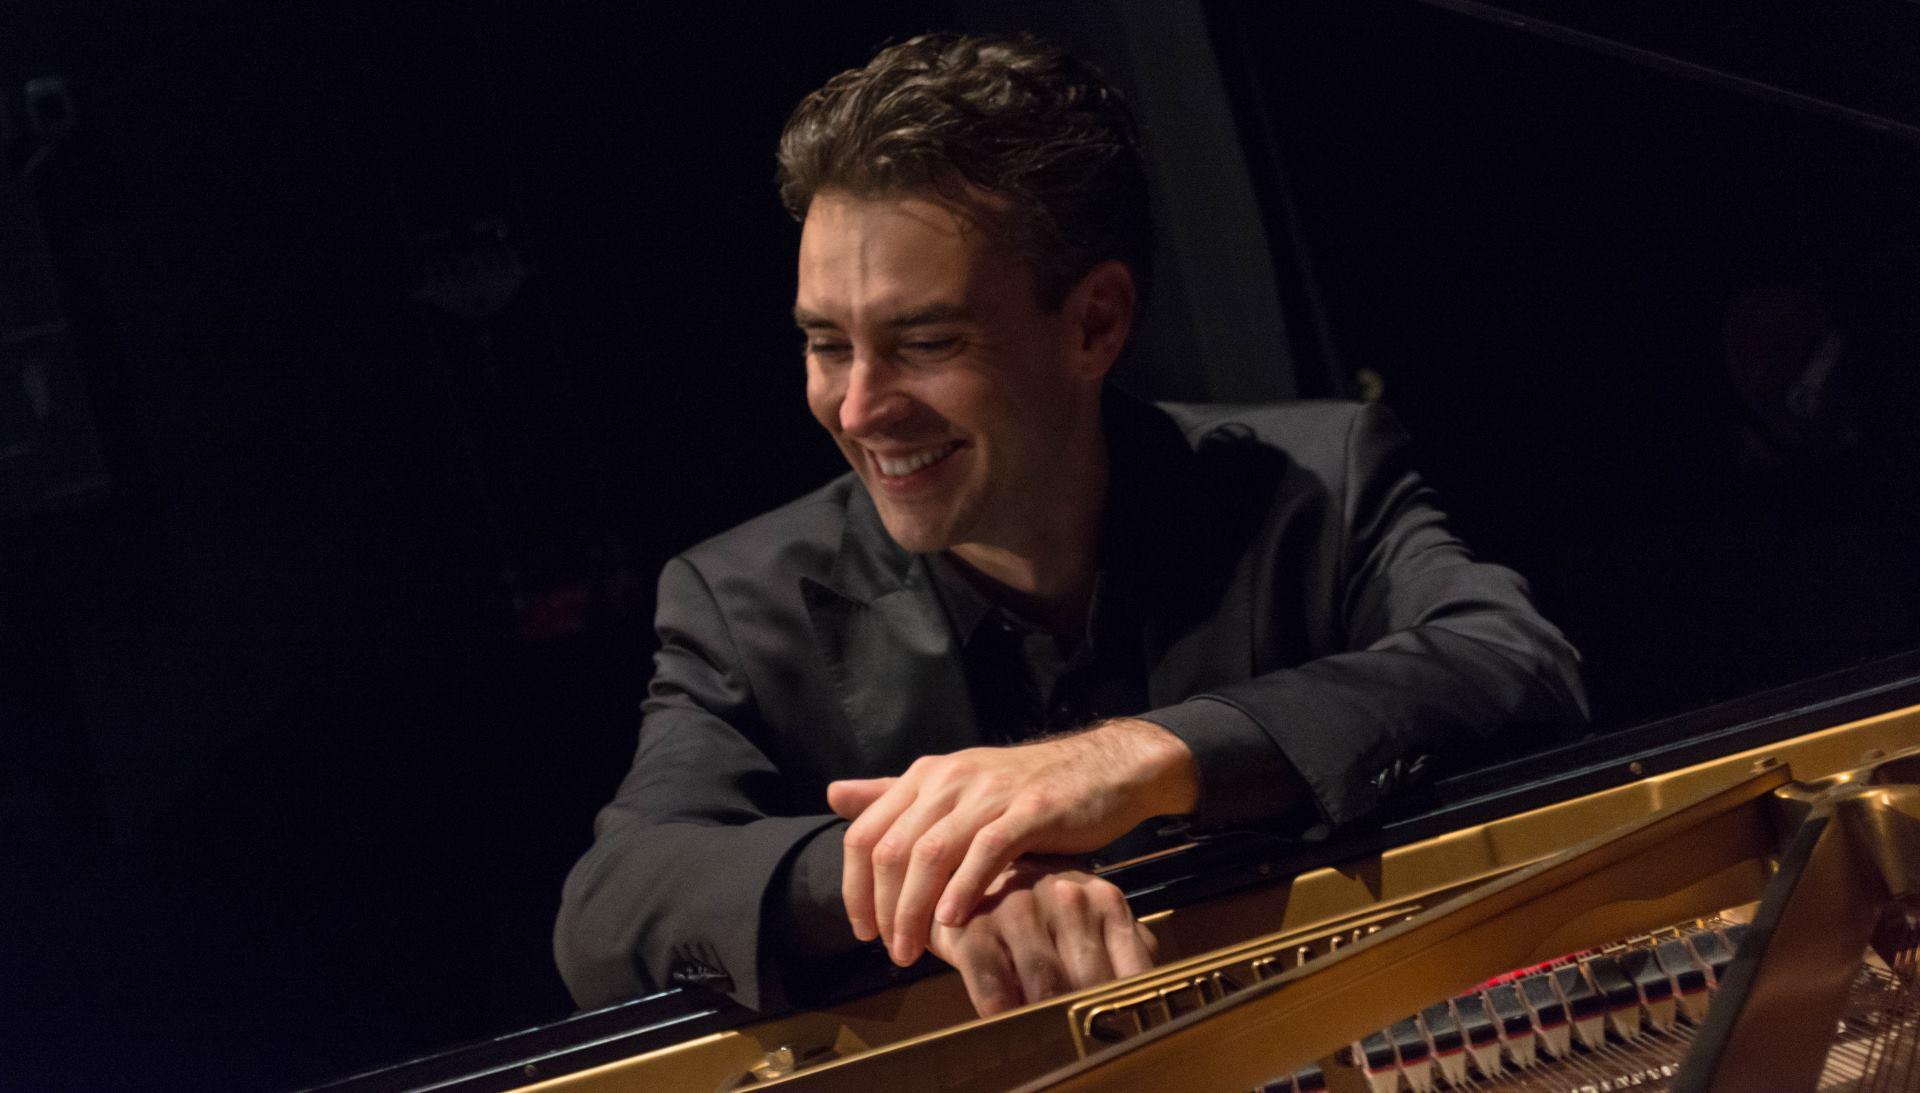 LISZTOMANIJA Klavirski recital Gorana Filipeca i promocija nagrađenog CD-a 'Paganini Studies'